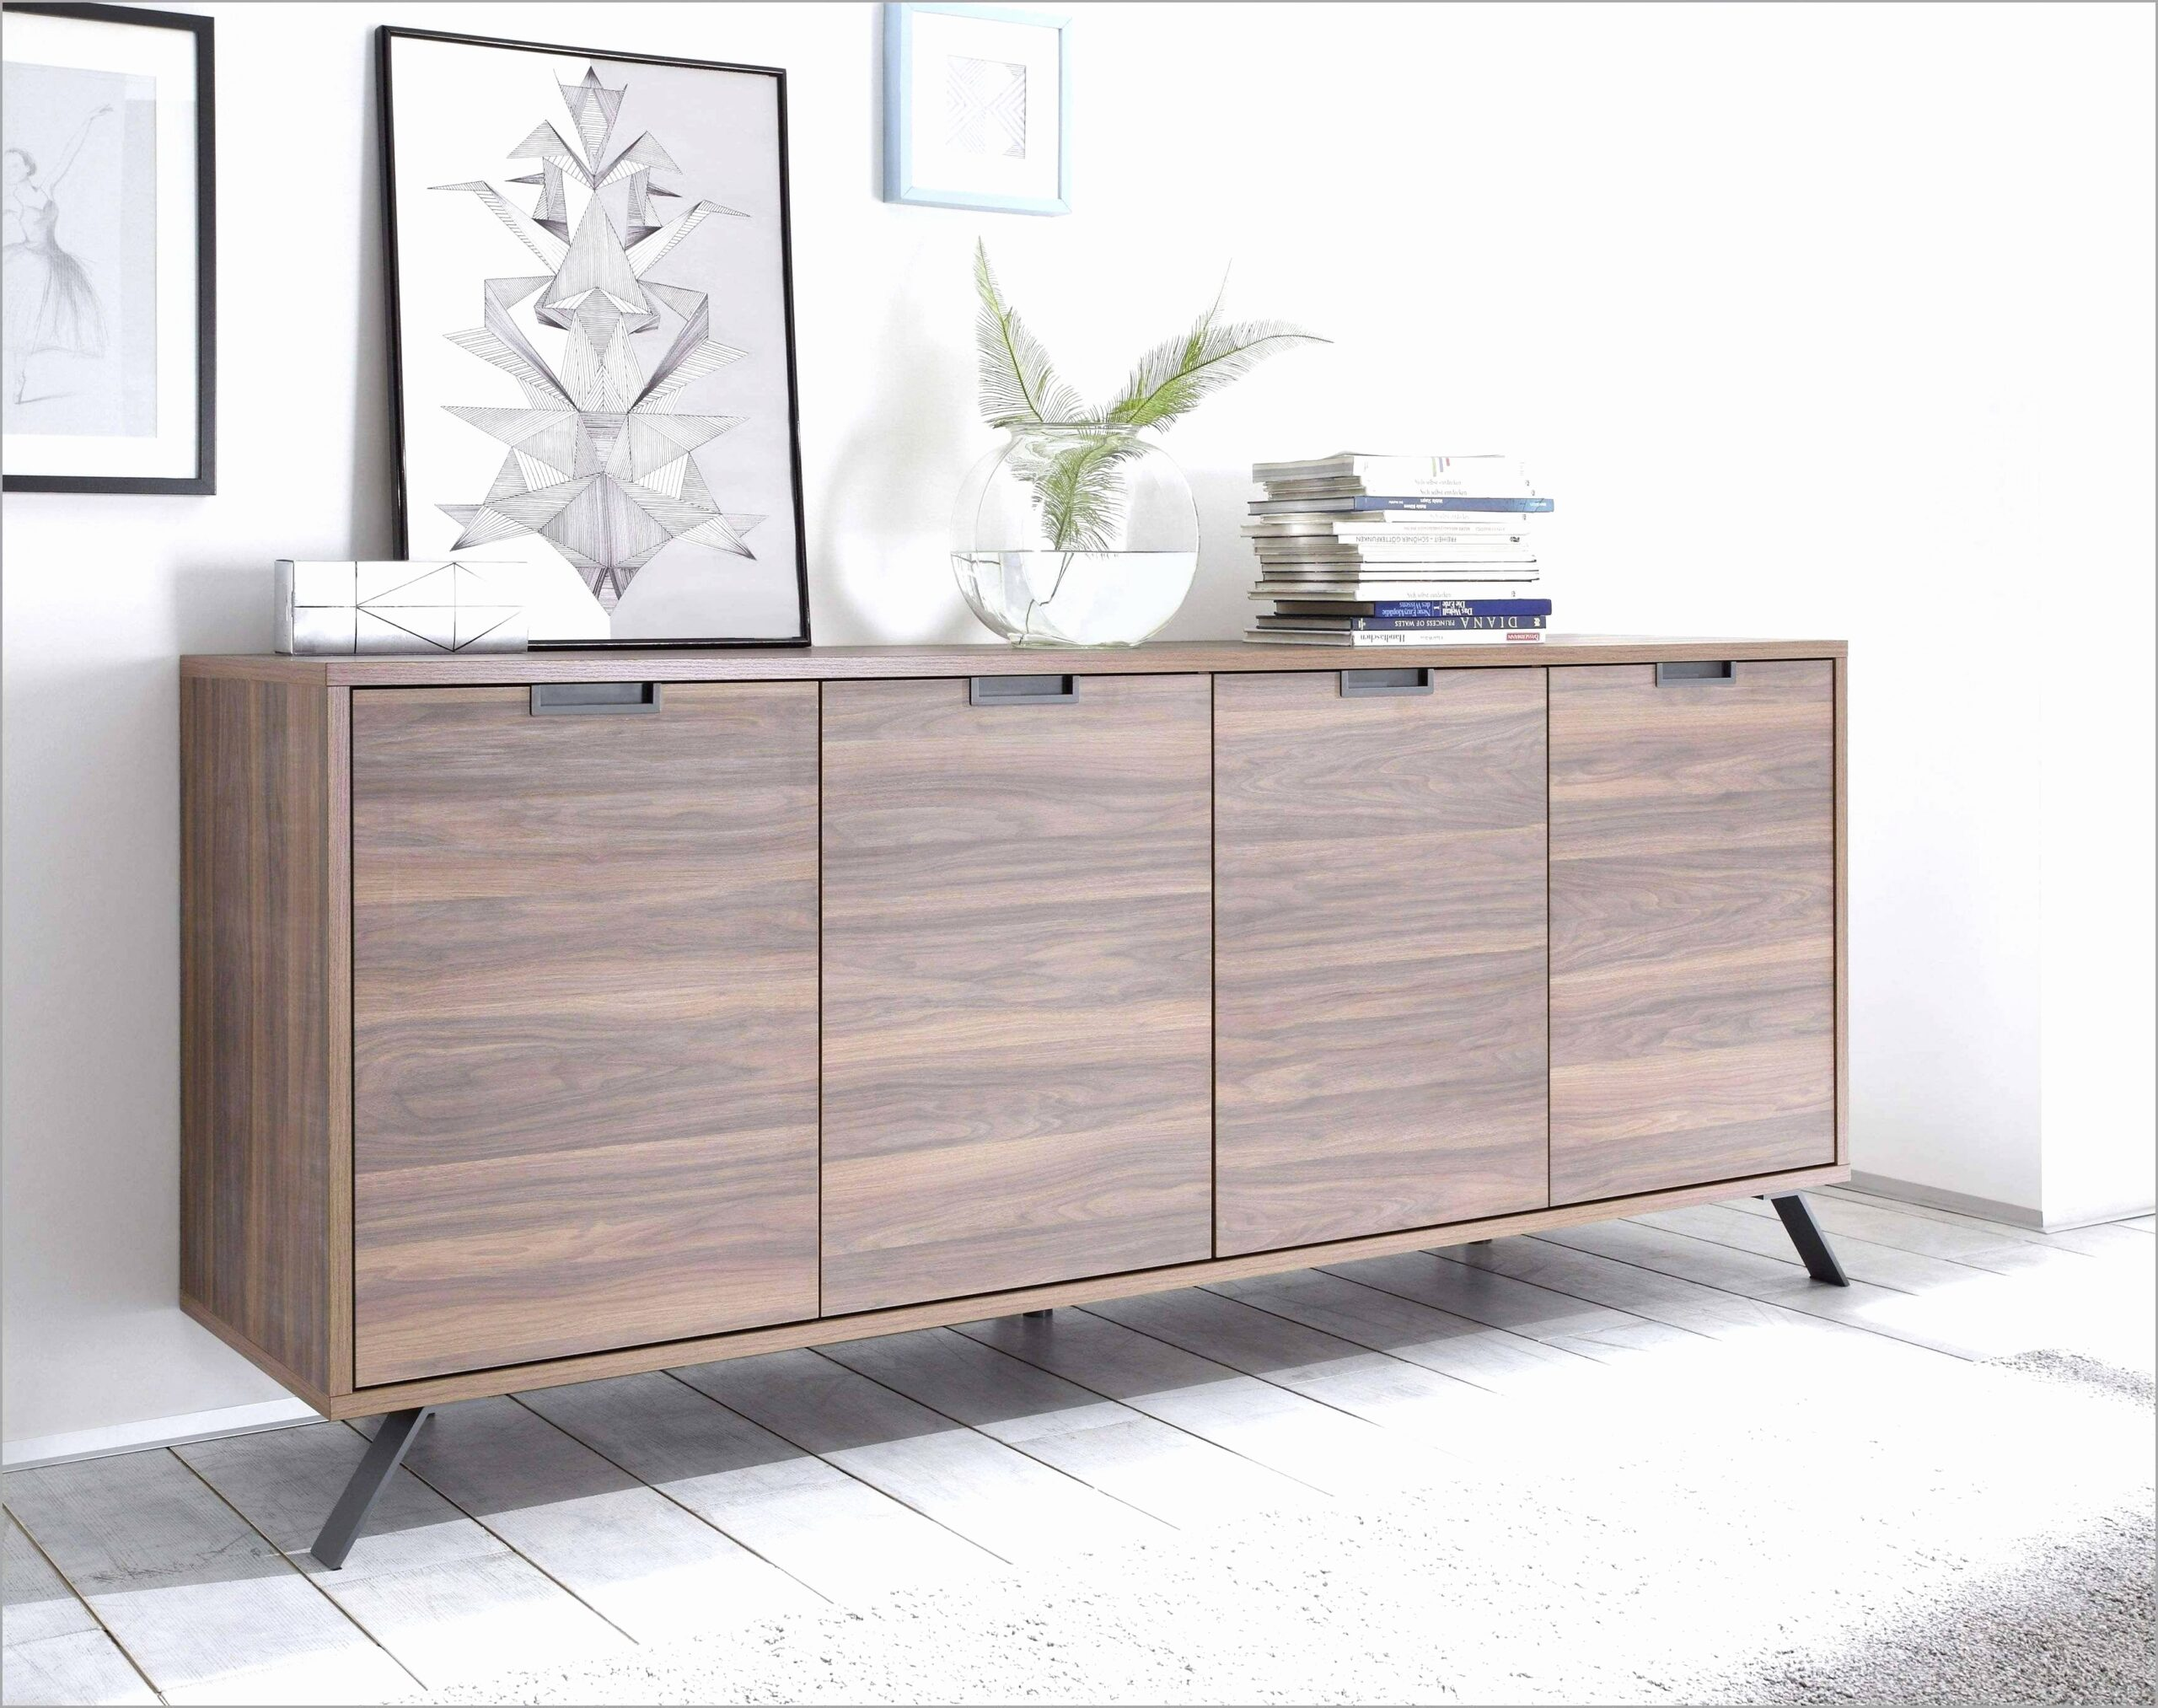 Full Size of Ikea Vorratsschrank Betten 160x200 Sofa Mit Schlaffunktion Küche Kosten Kaufen Bei Modulküche Miniküche Wohnzimmer Ikea Vorratsschrank